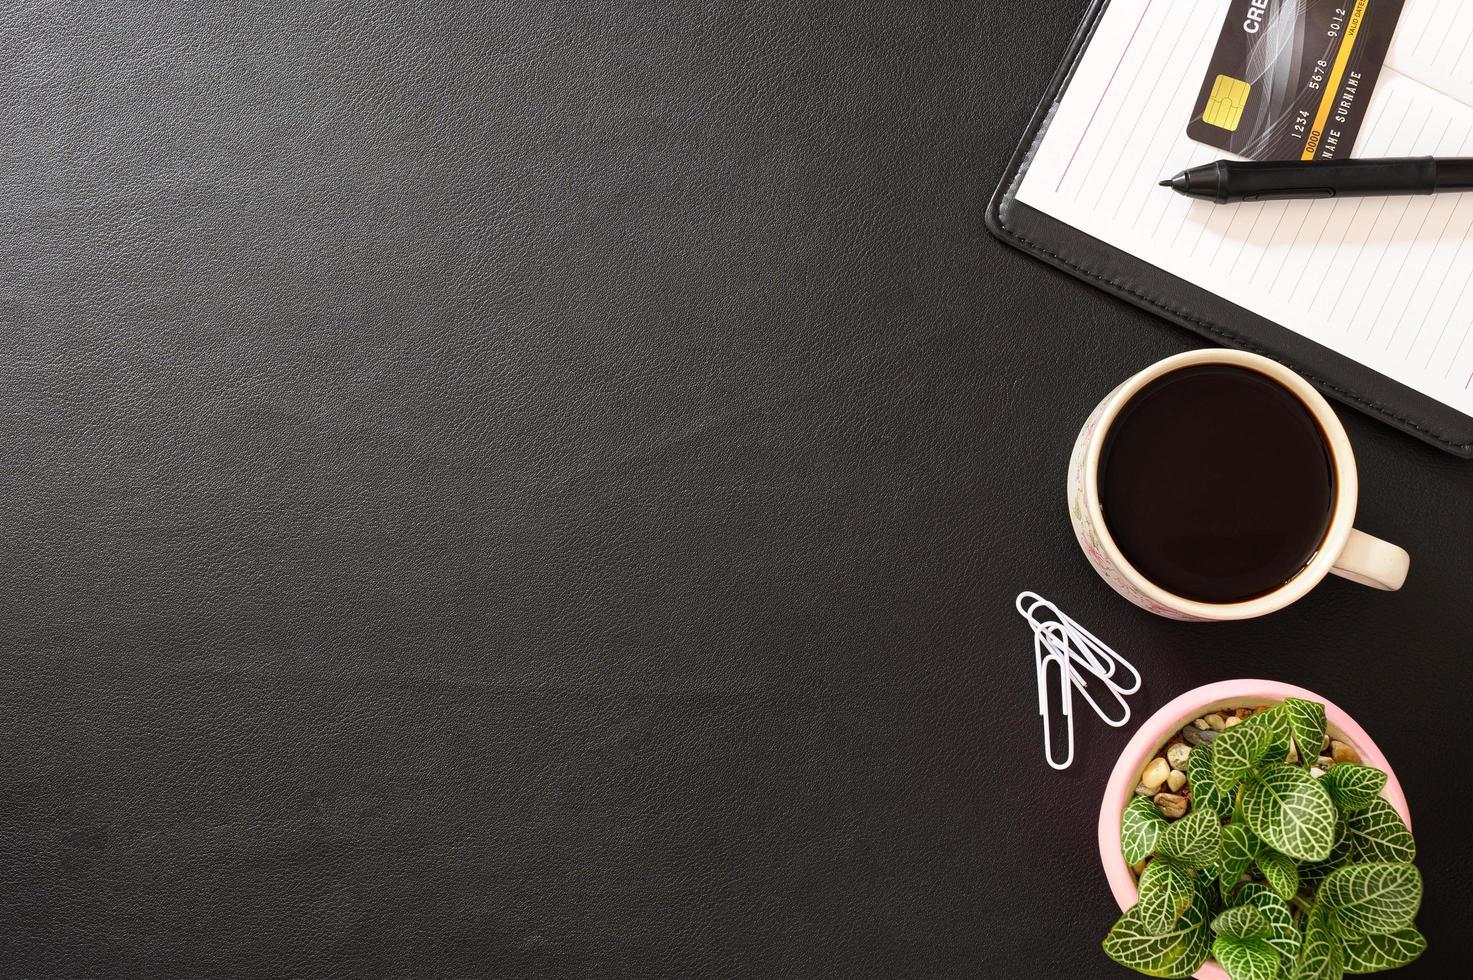 cuaderno, tarjeta de crédito y una taza de café en el escritorio foto